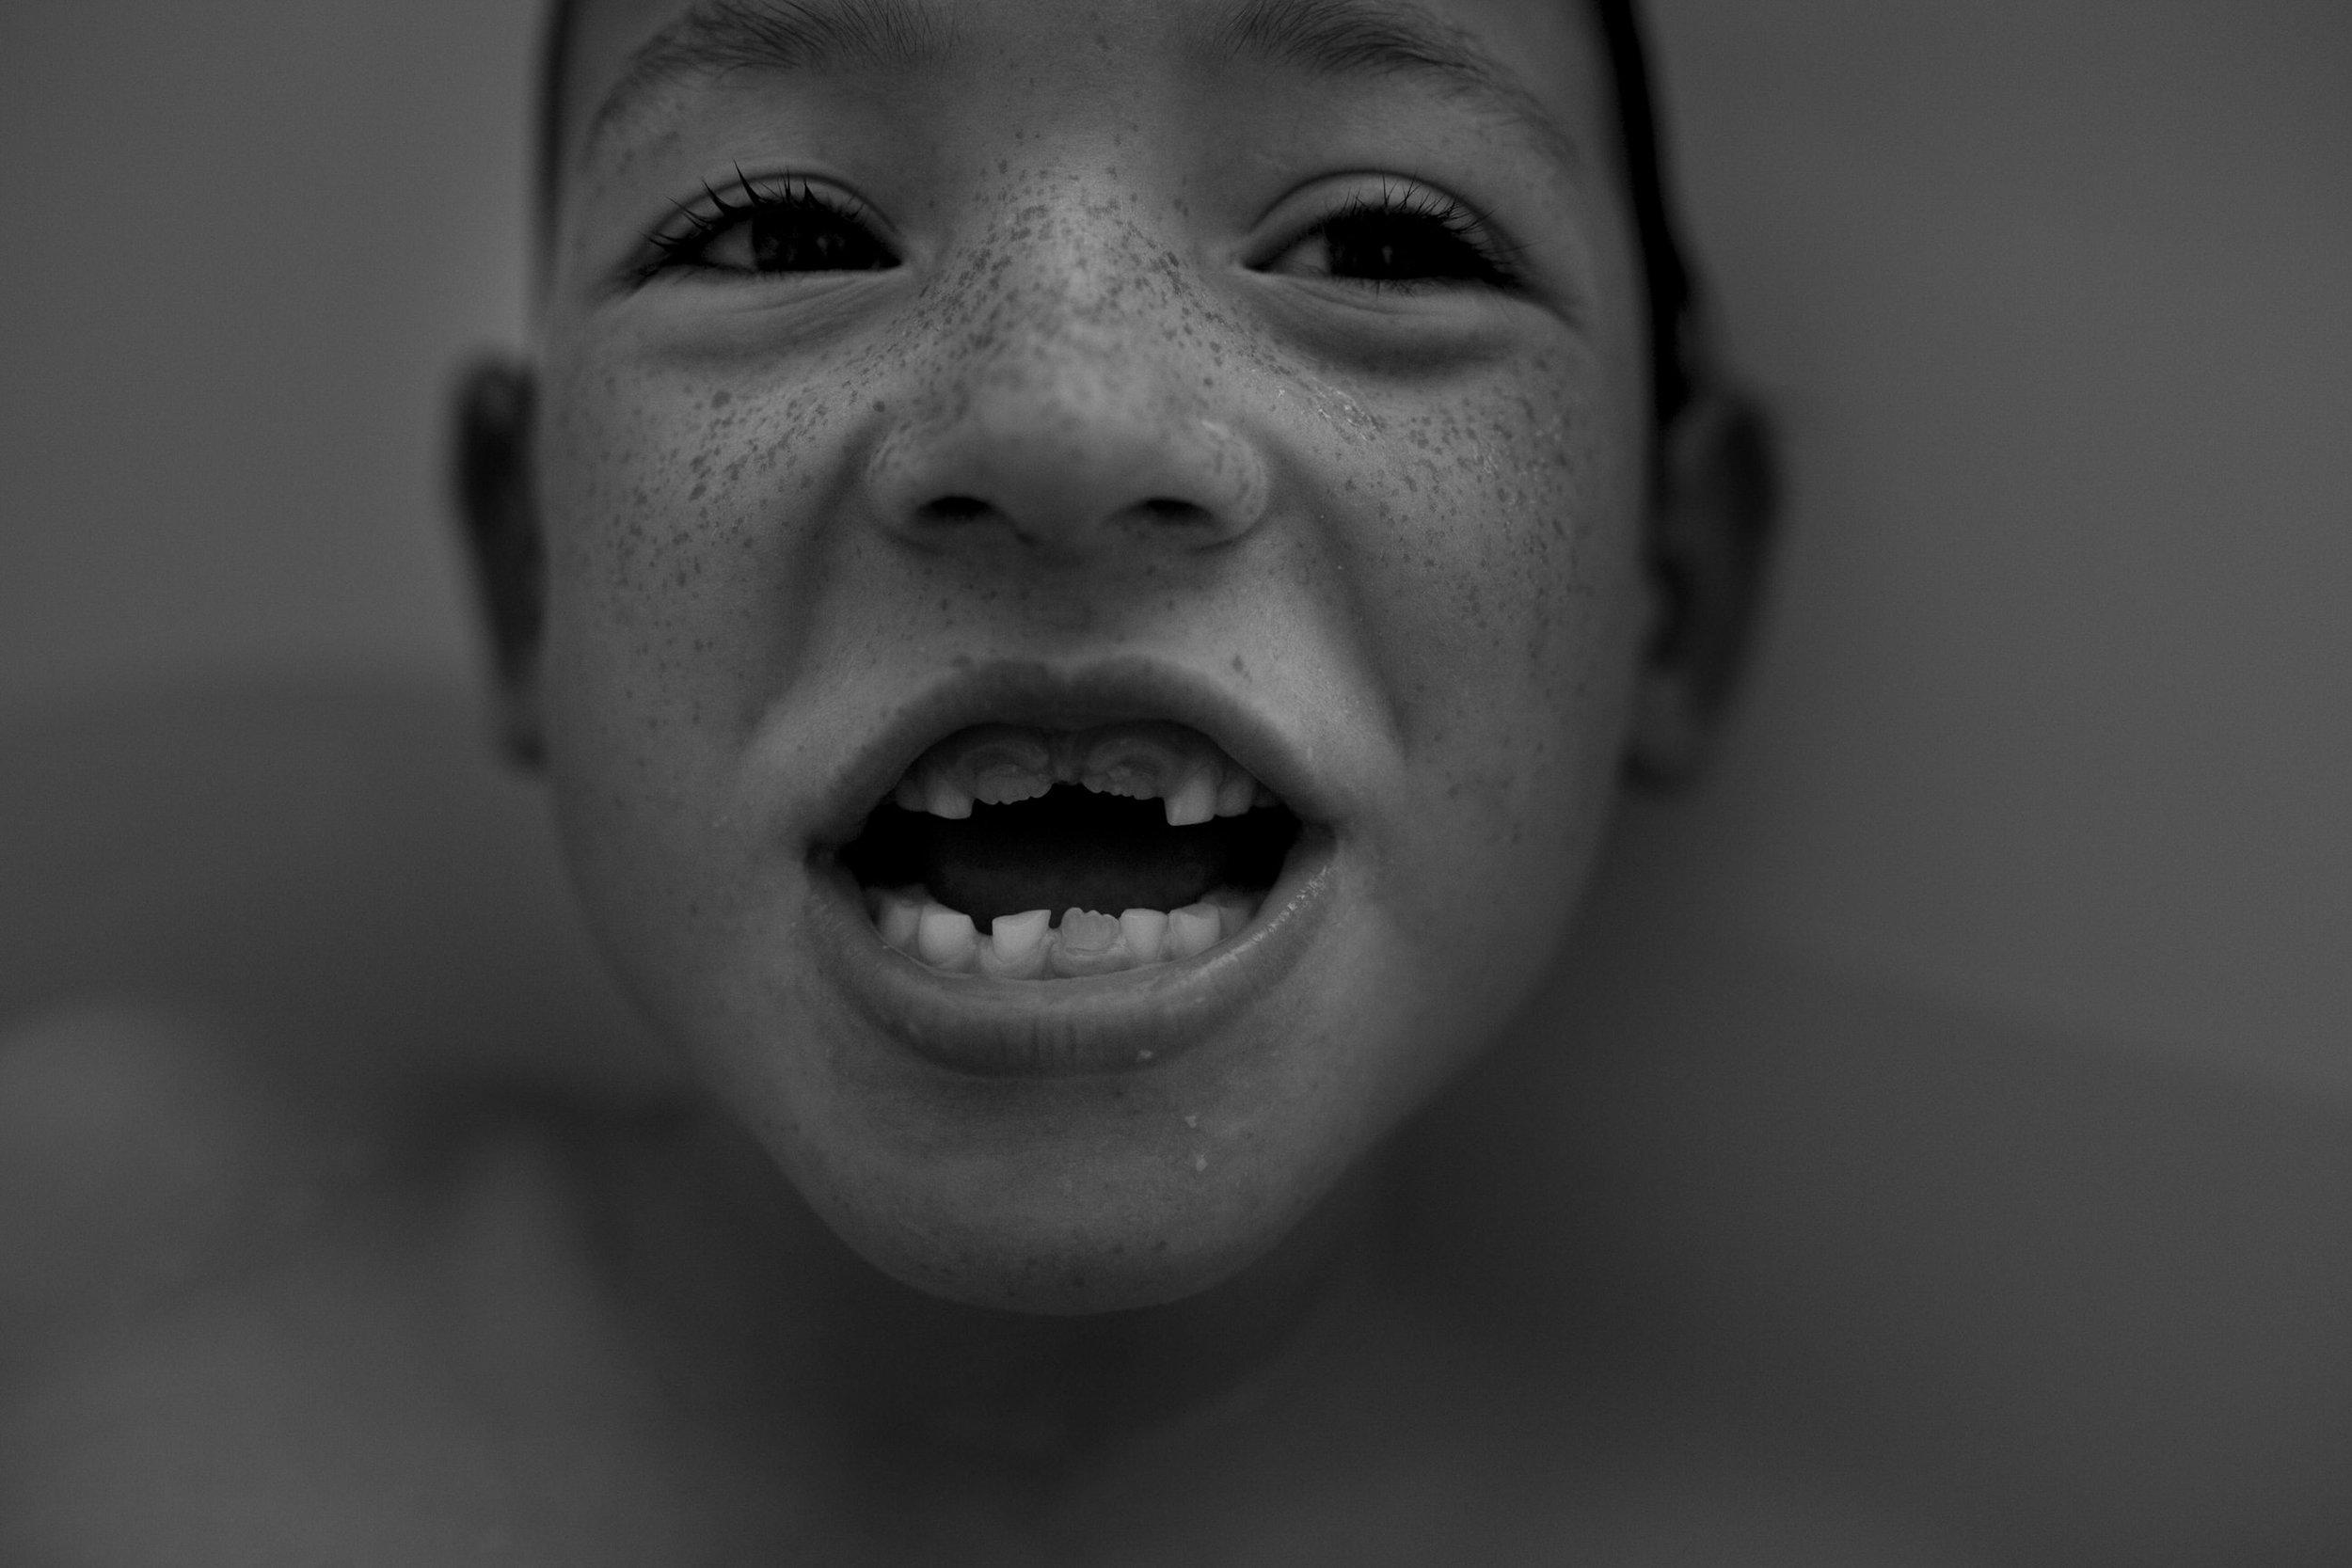 Familienfotografie_JuliaErzPhotography+(17+von+18).JPG